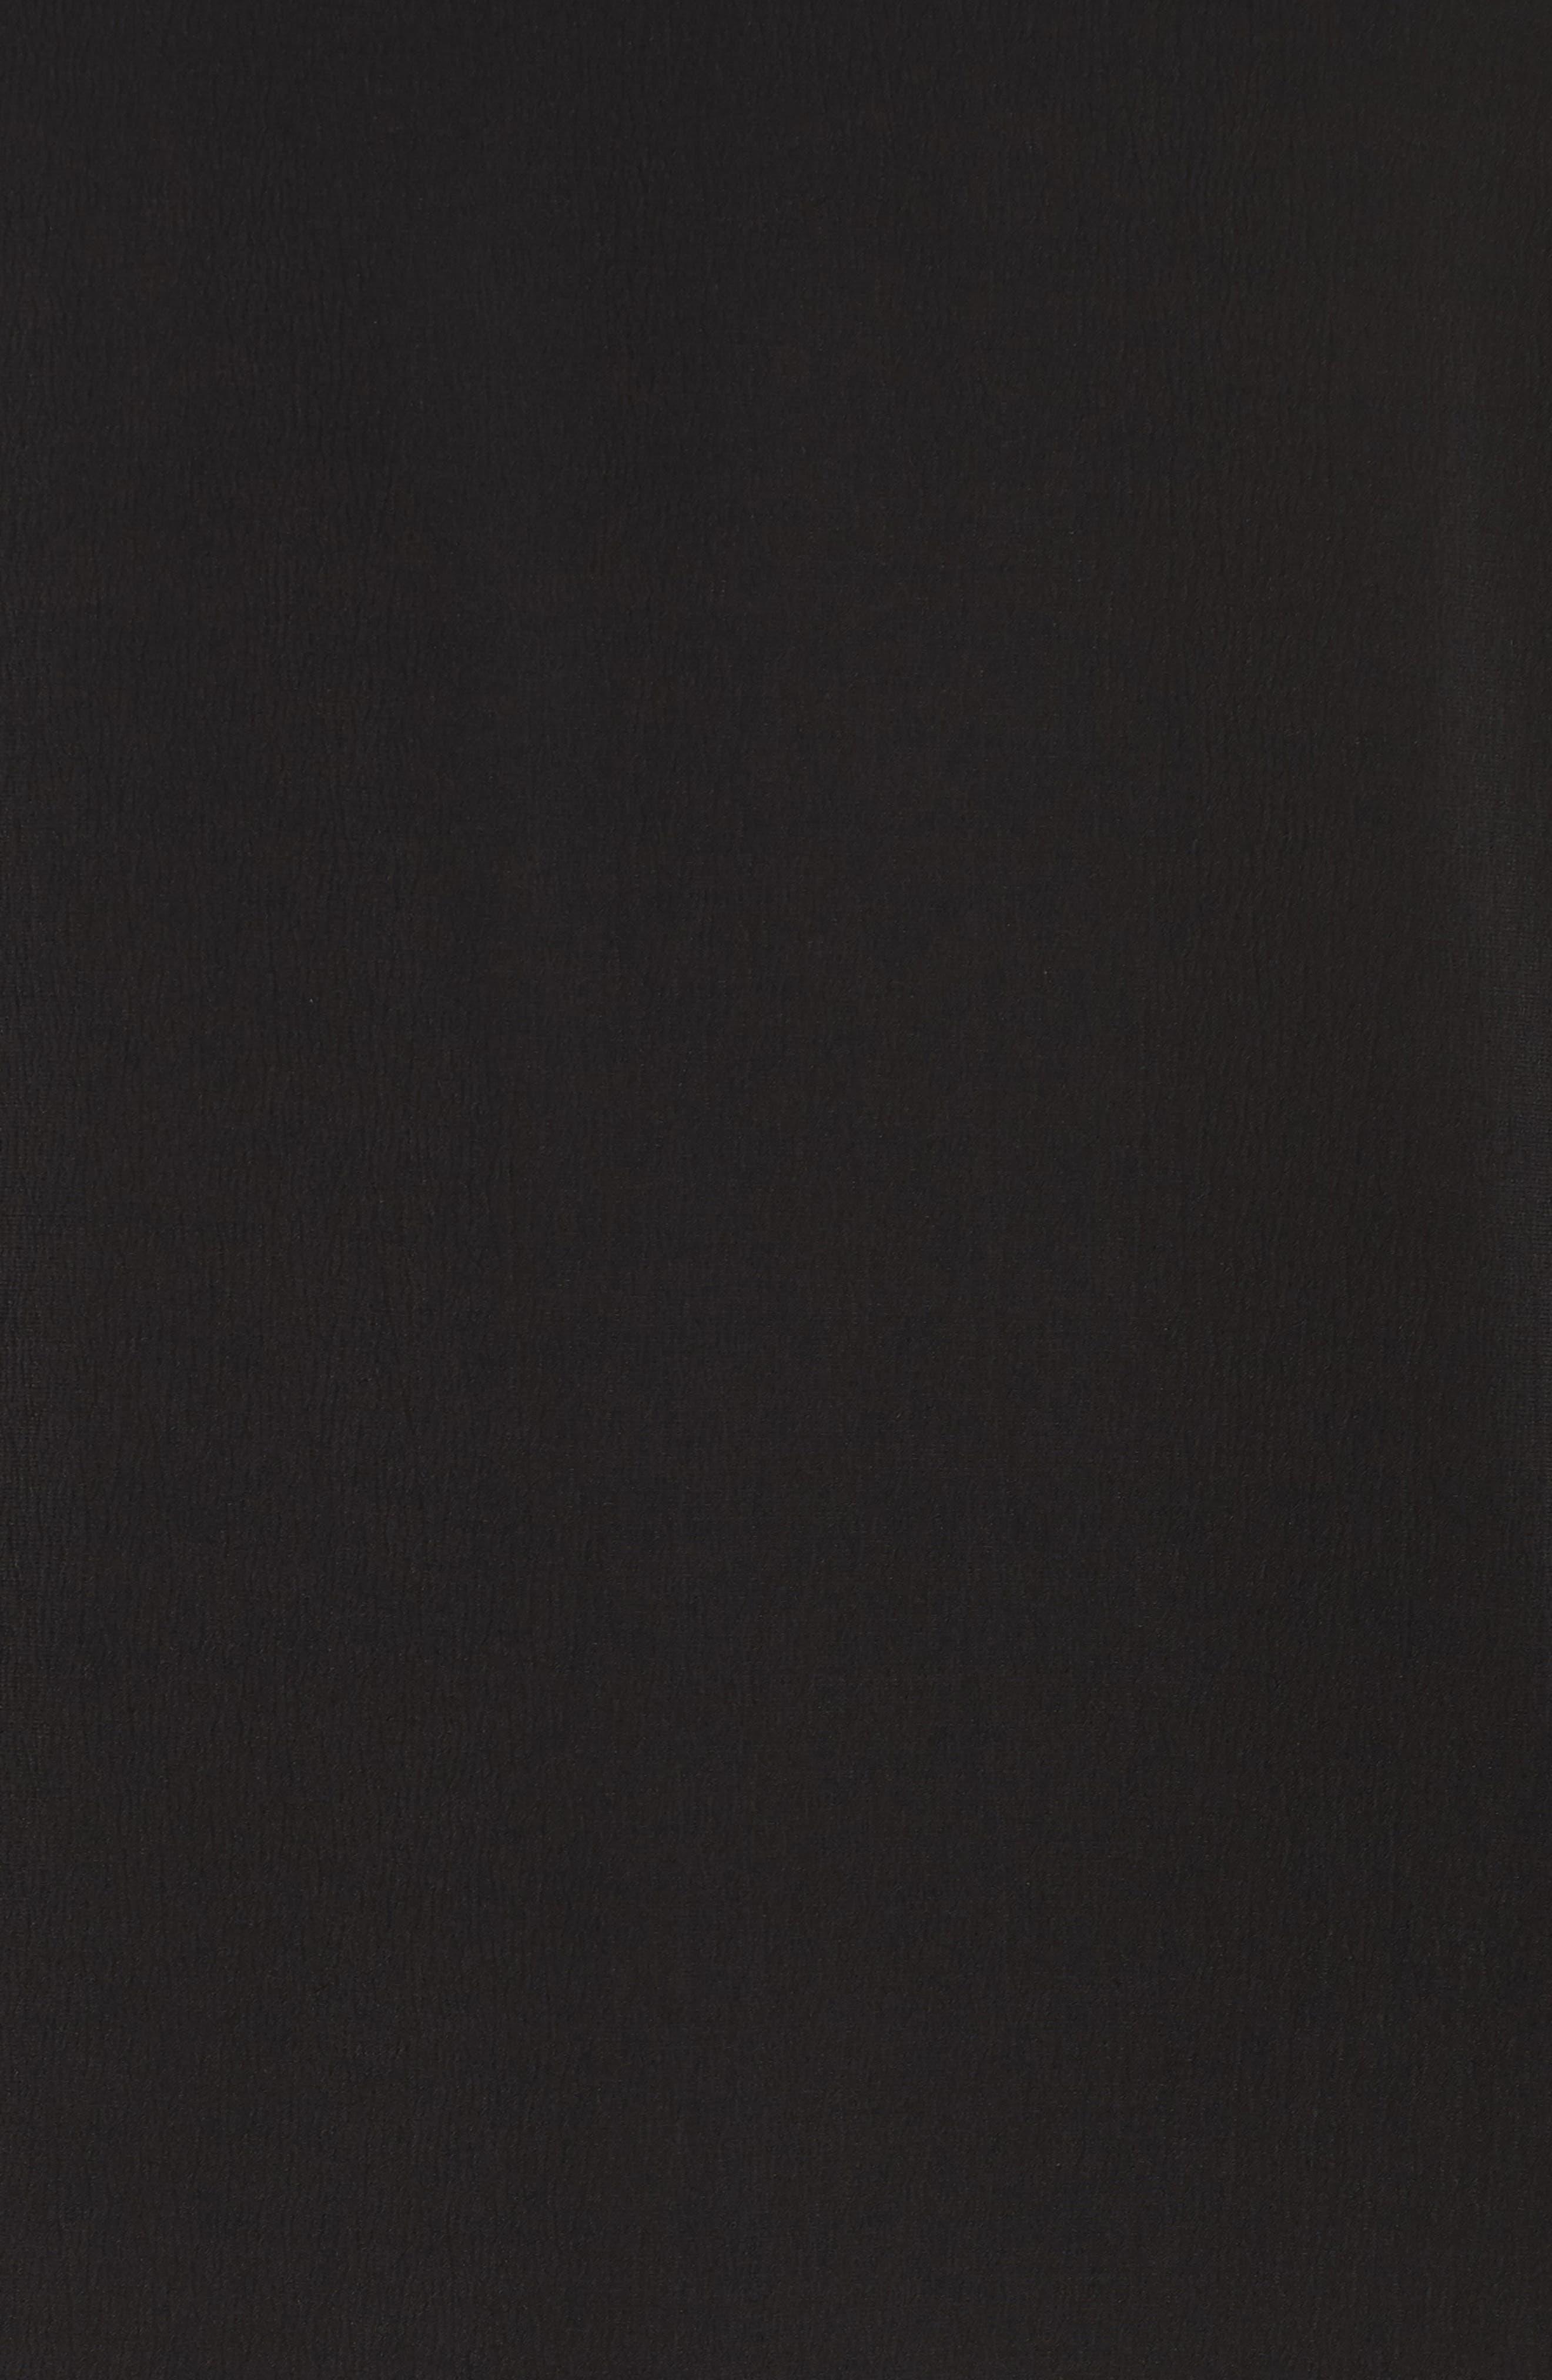 Chiffon Flutter Cuff Blouse,                             Alternate thumbnail 5, color,                             RICH BLACK